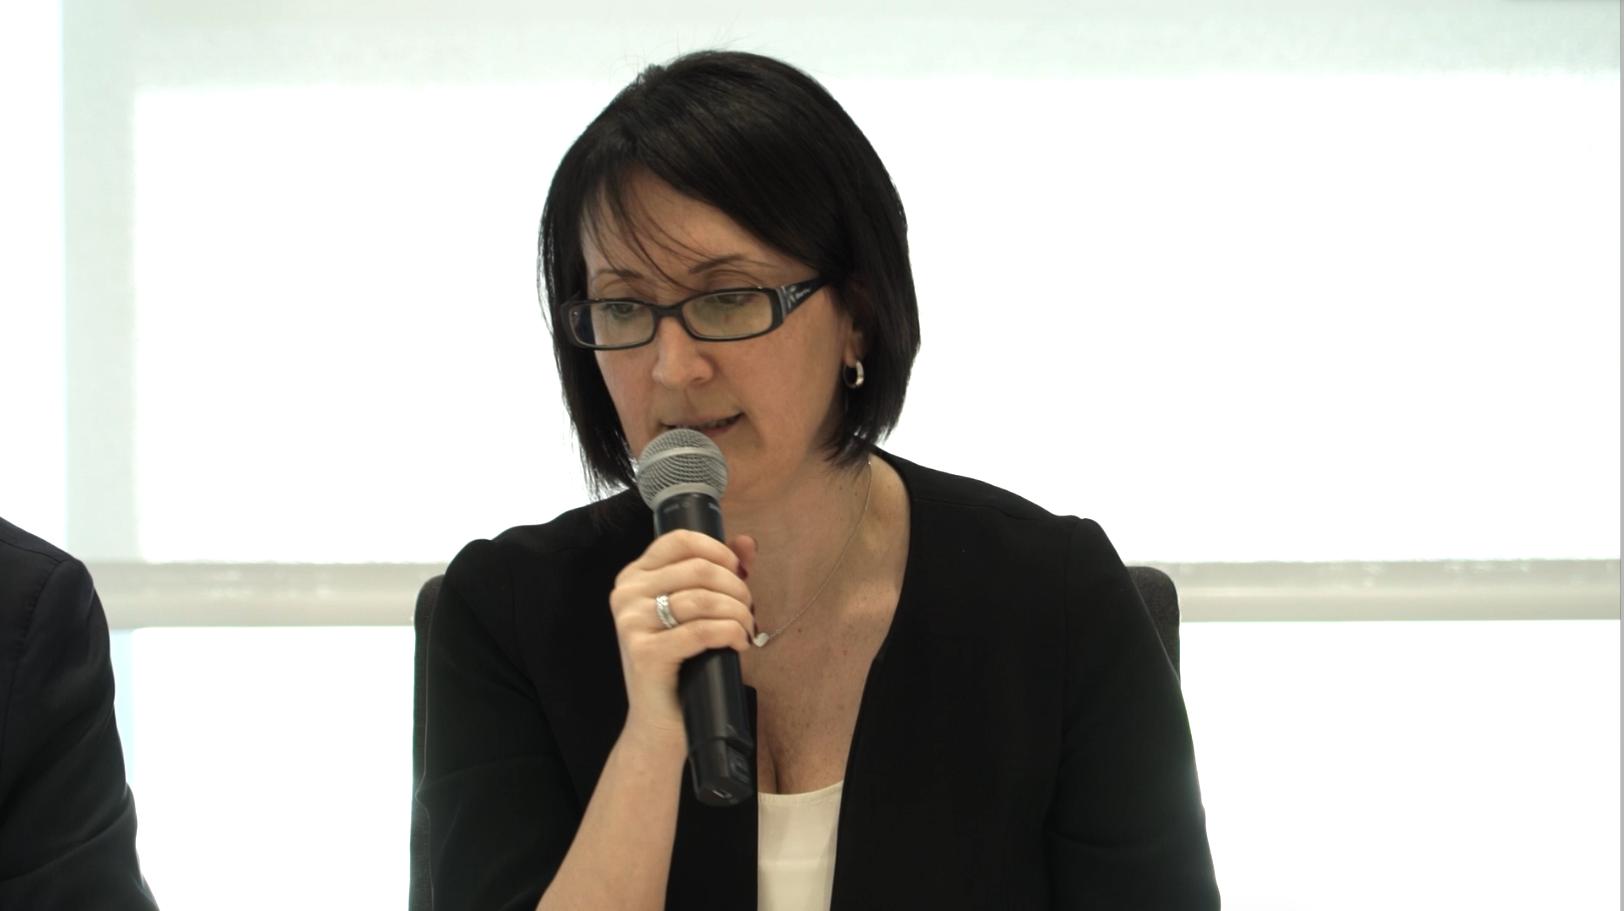 Emma Petitti, Assessore al Bilancio, Riordino istituzionale, Risorse umane e Pari opportunità della Regione Emilia-Romagna